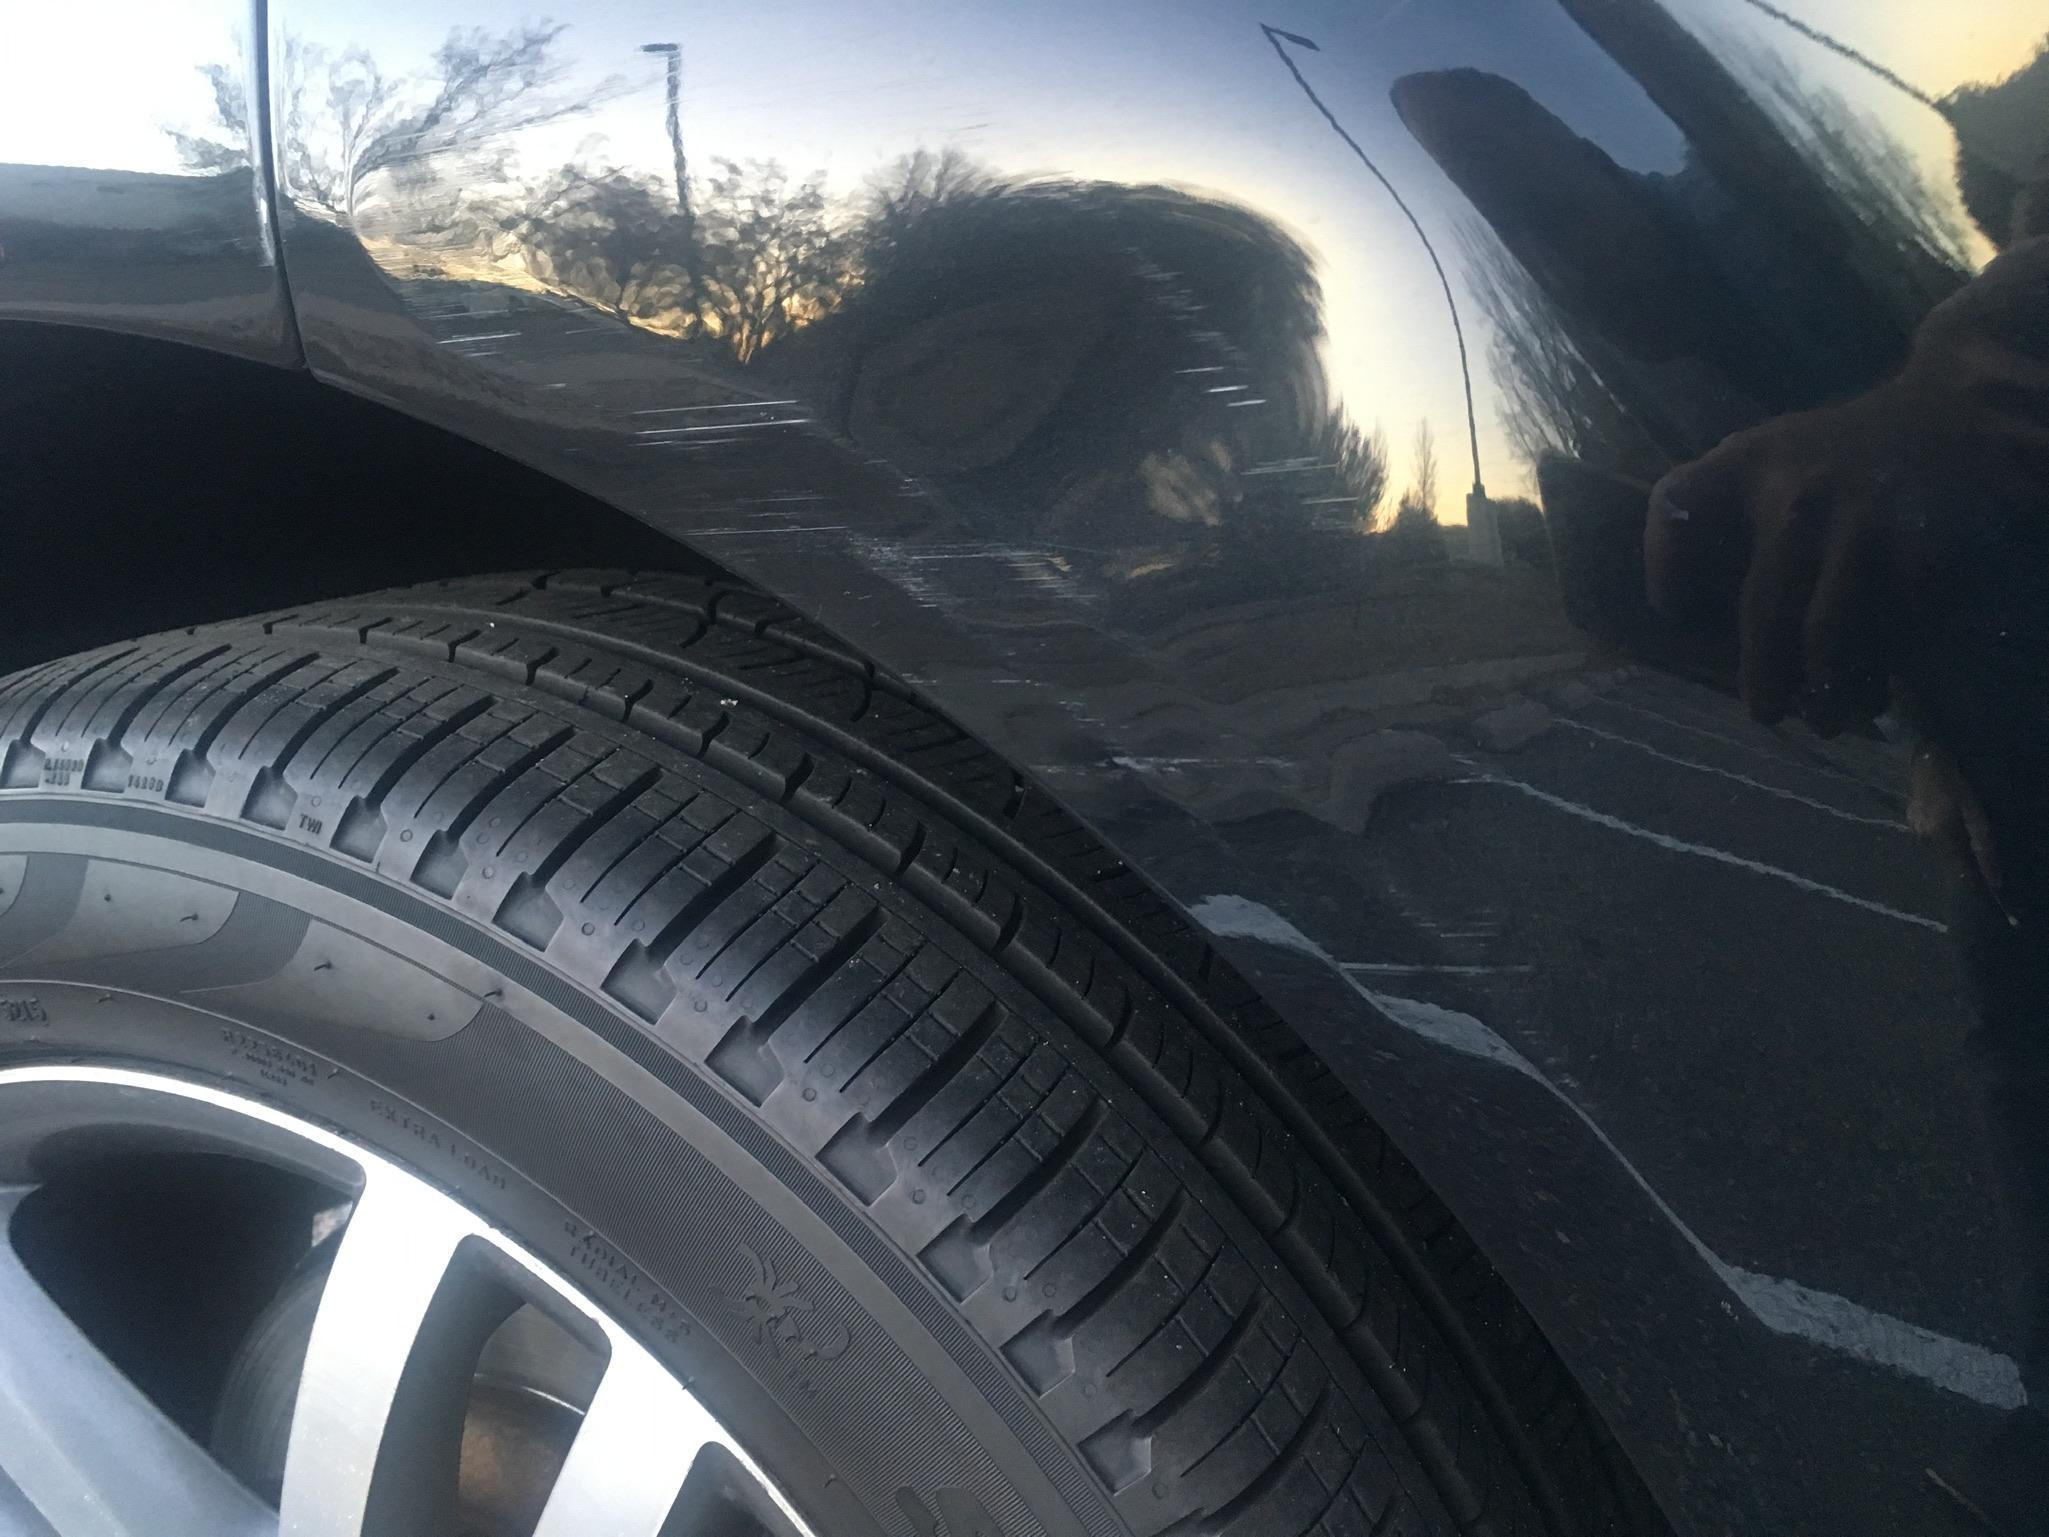 right rear fender - scrapes & minor dent